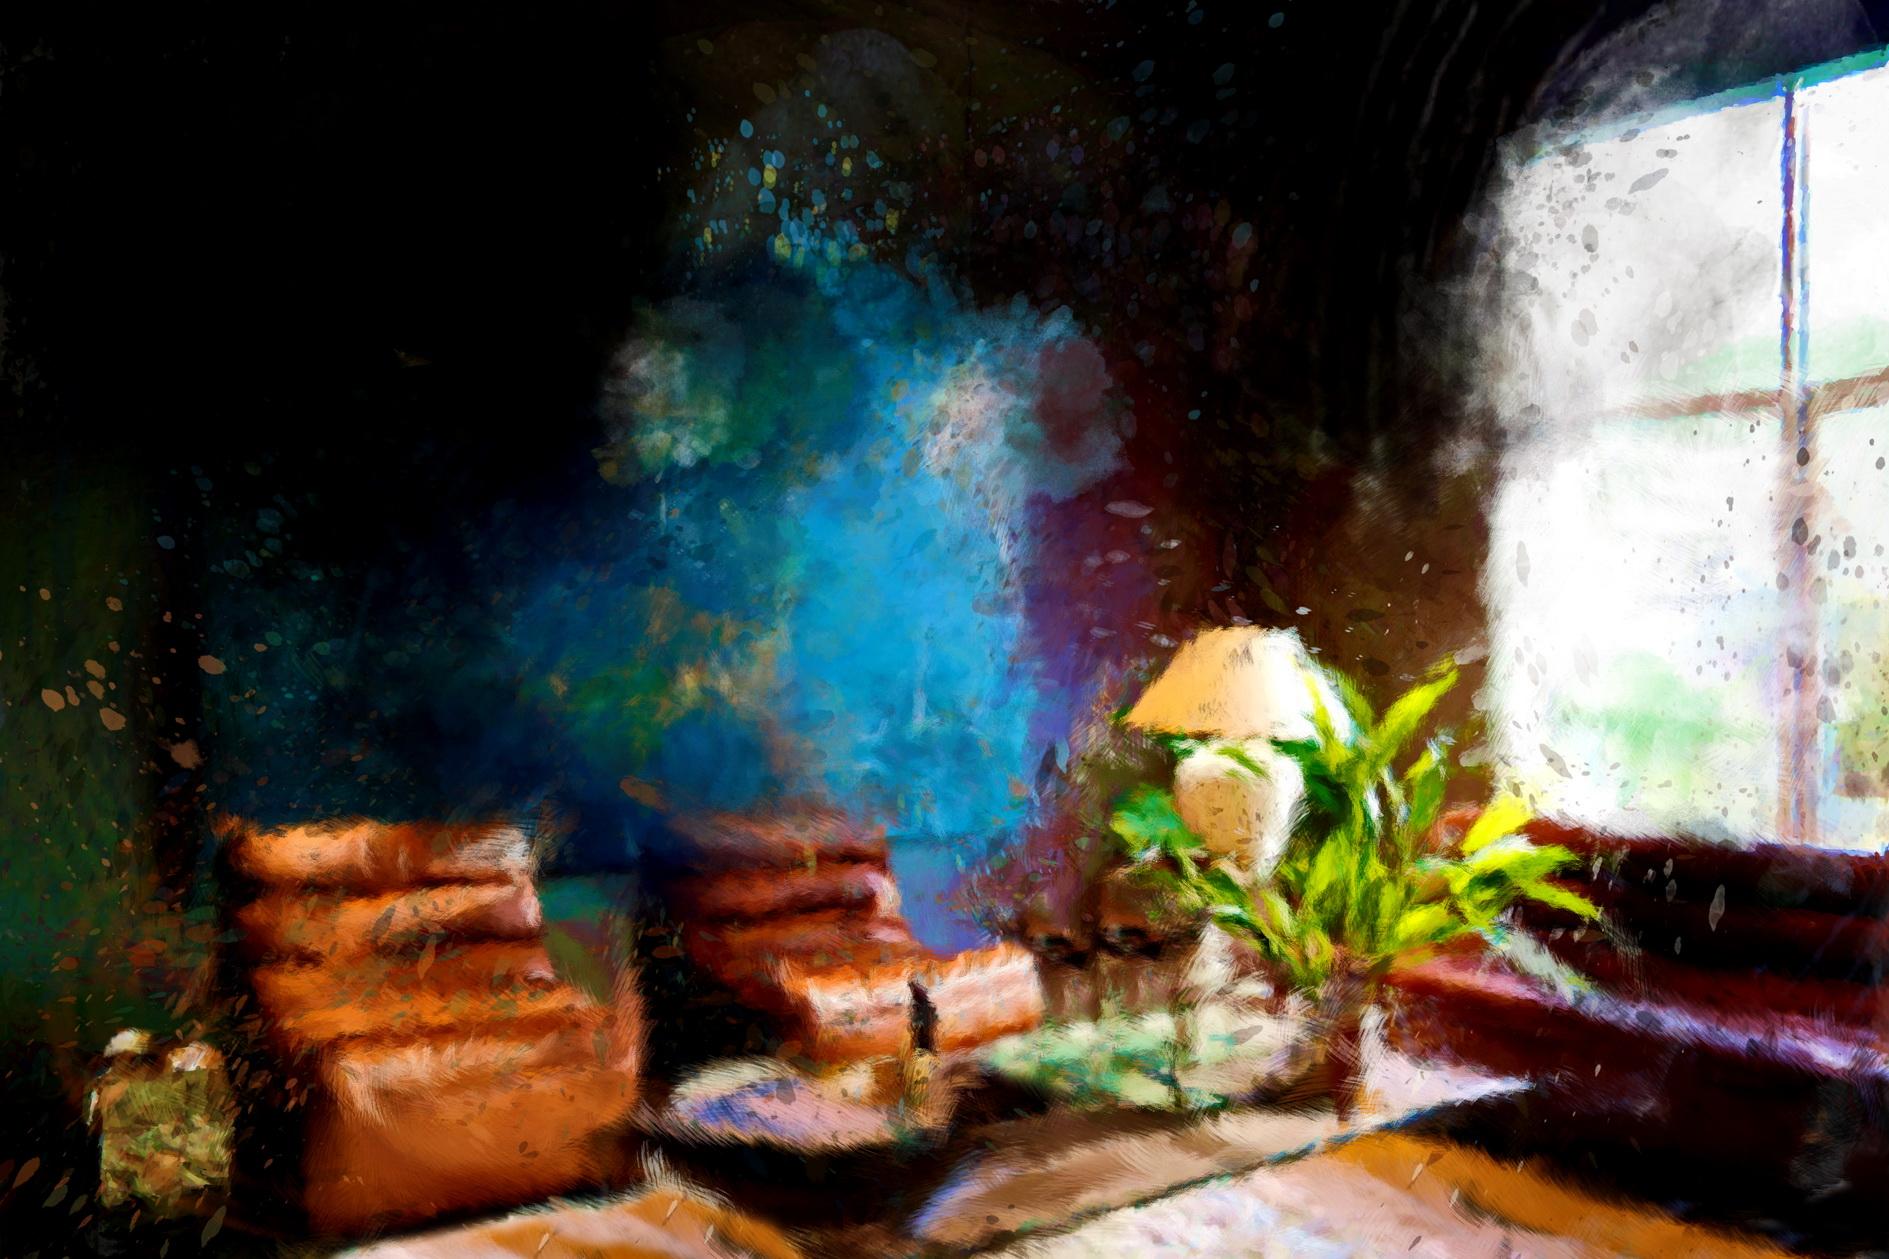 Sfeer van de lounge leder bij Flamant Interiors, een schilderen van de kunstenaar Laure Van De Meele